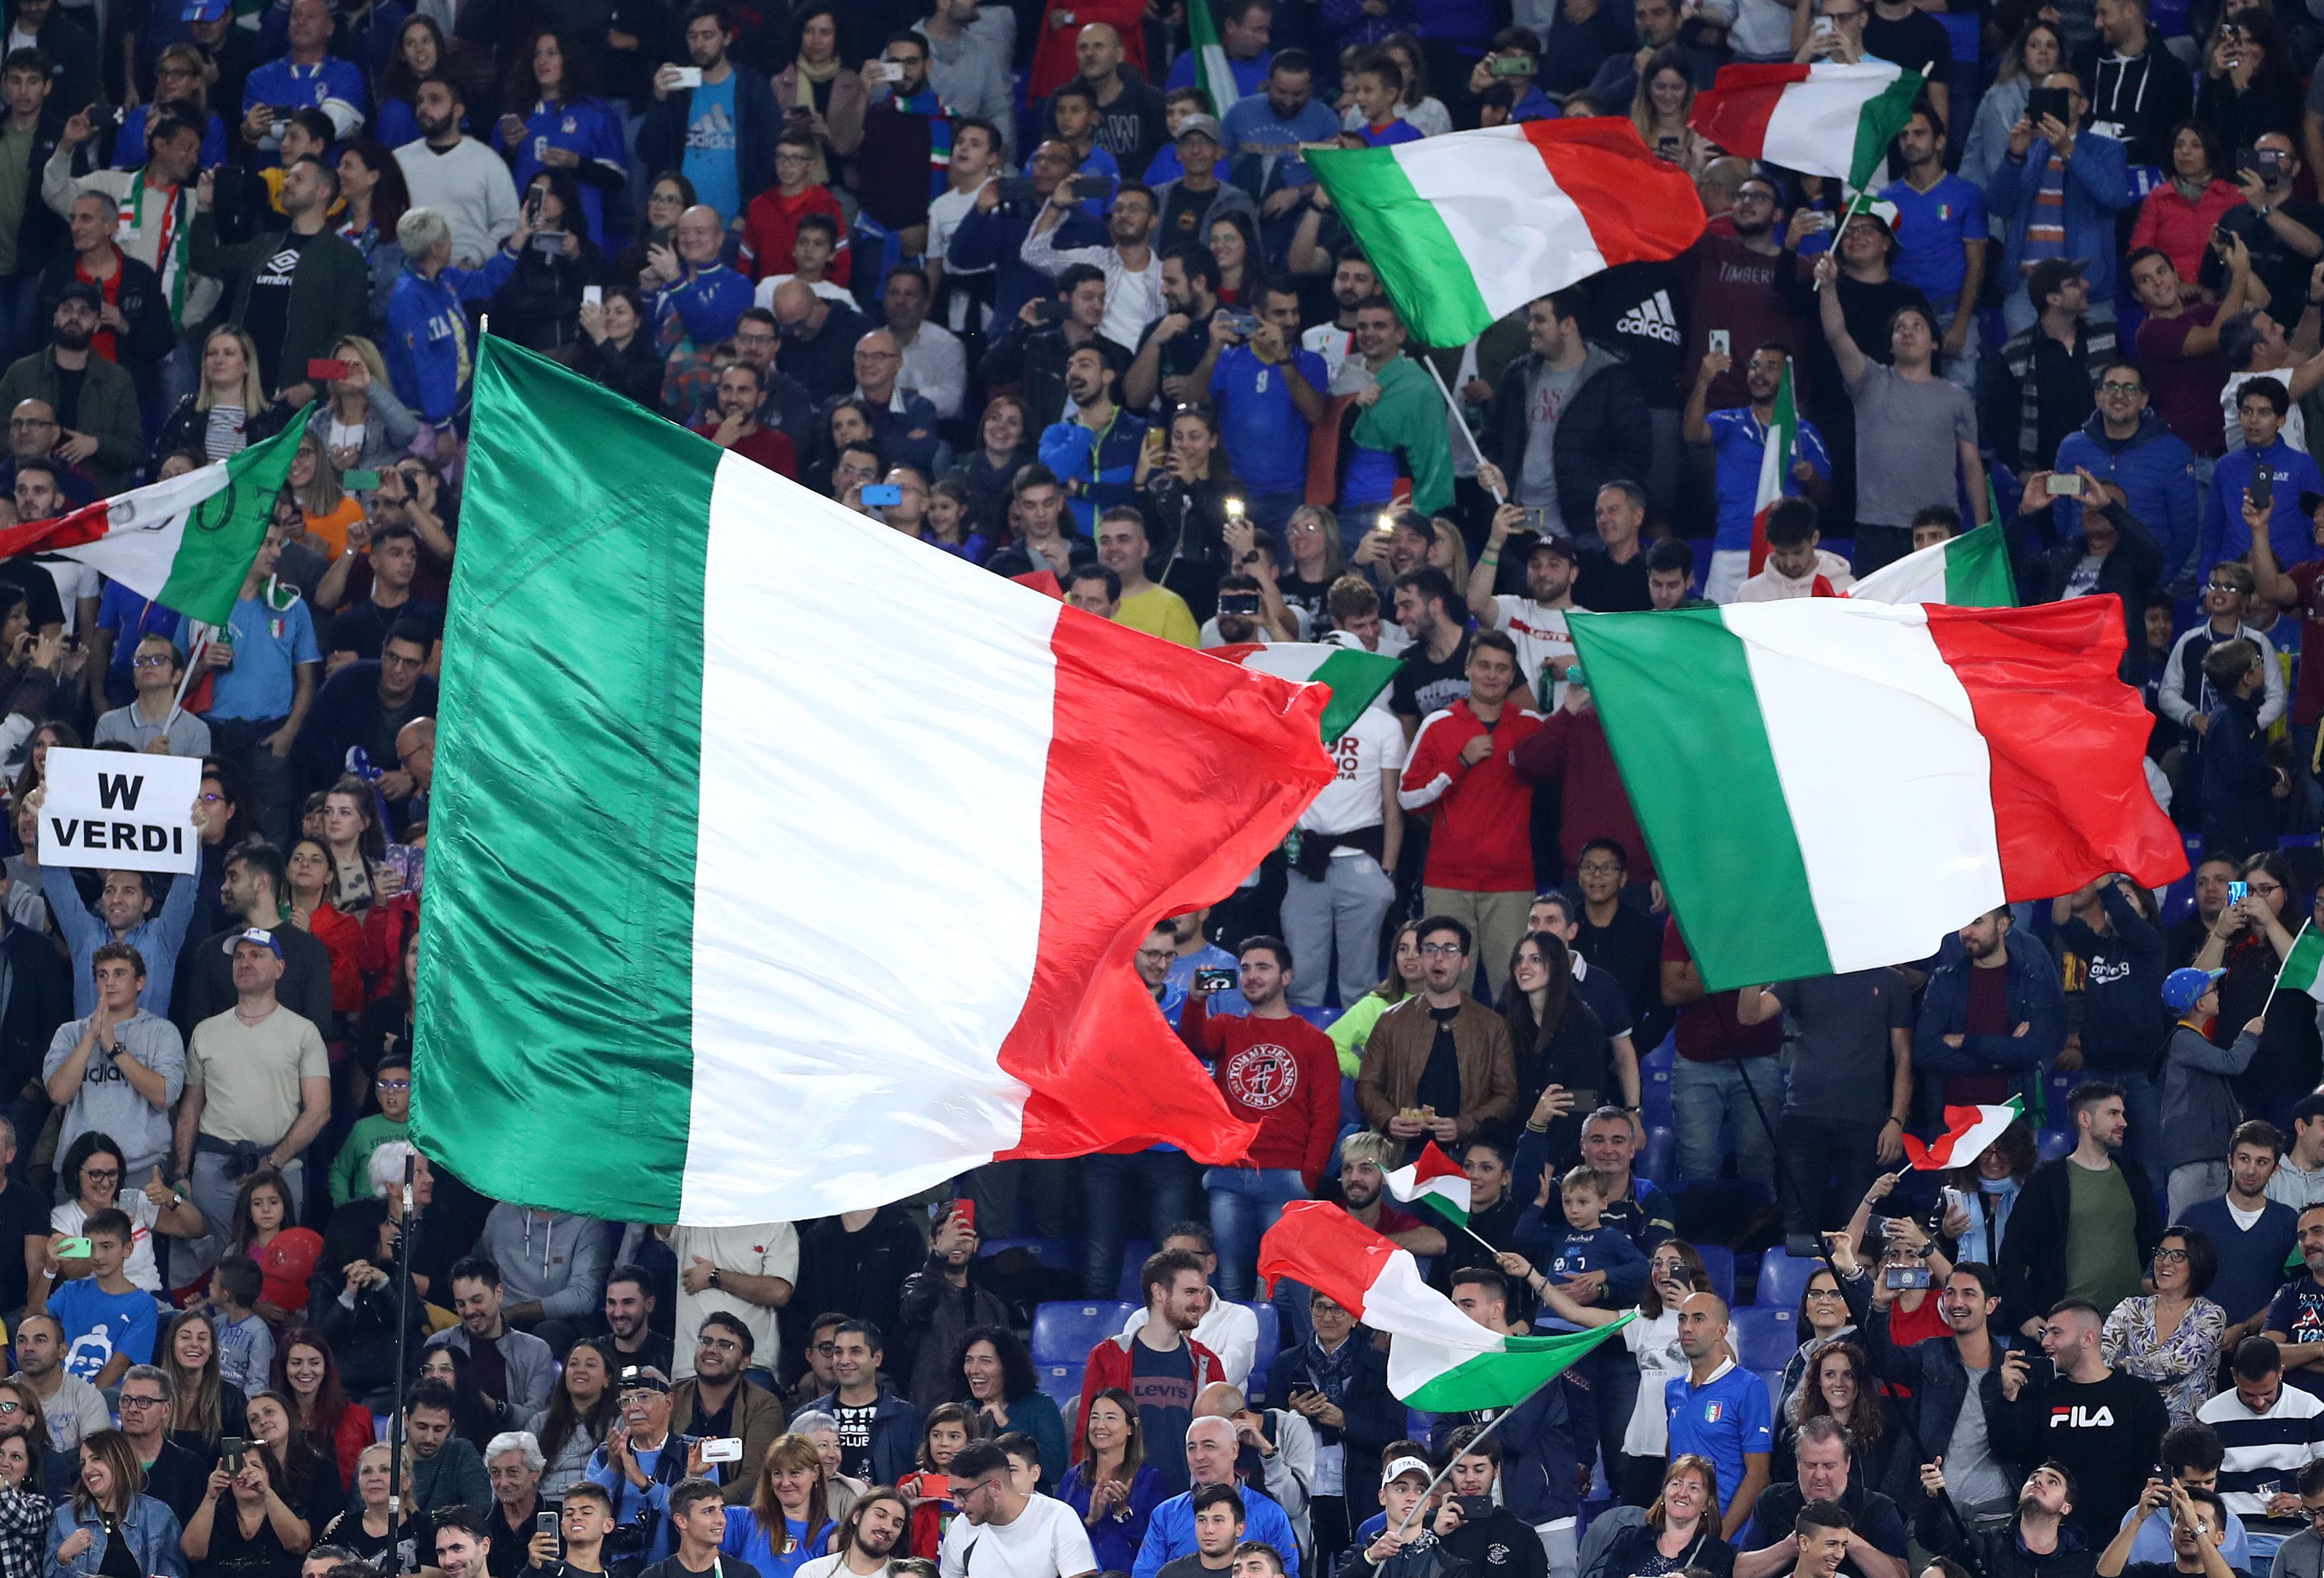 Vainqueur 27-0, un coach italien prend la porte !